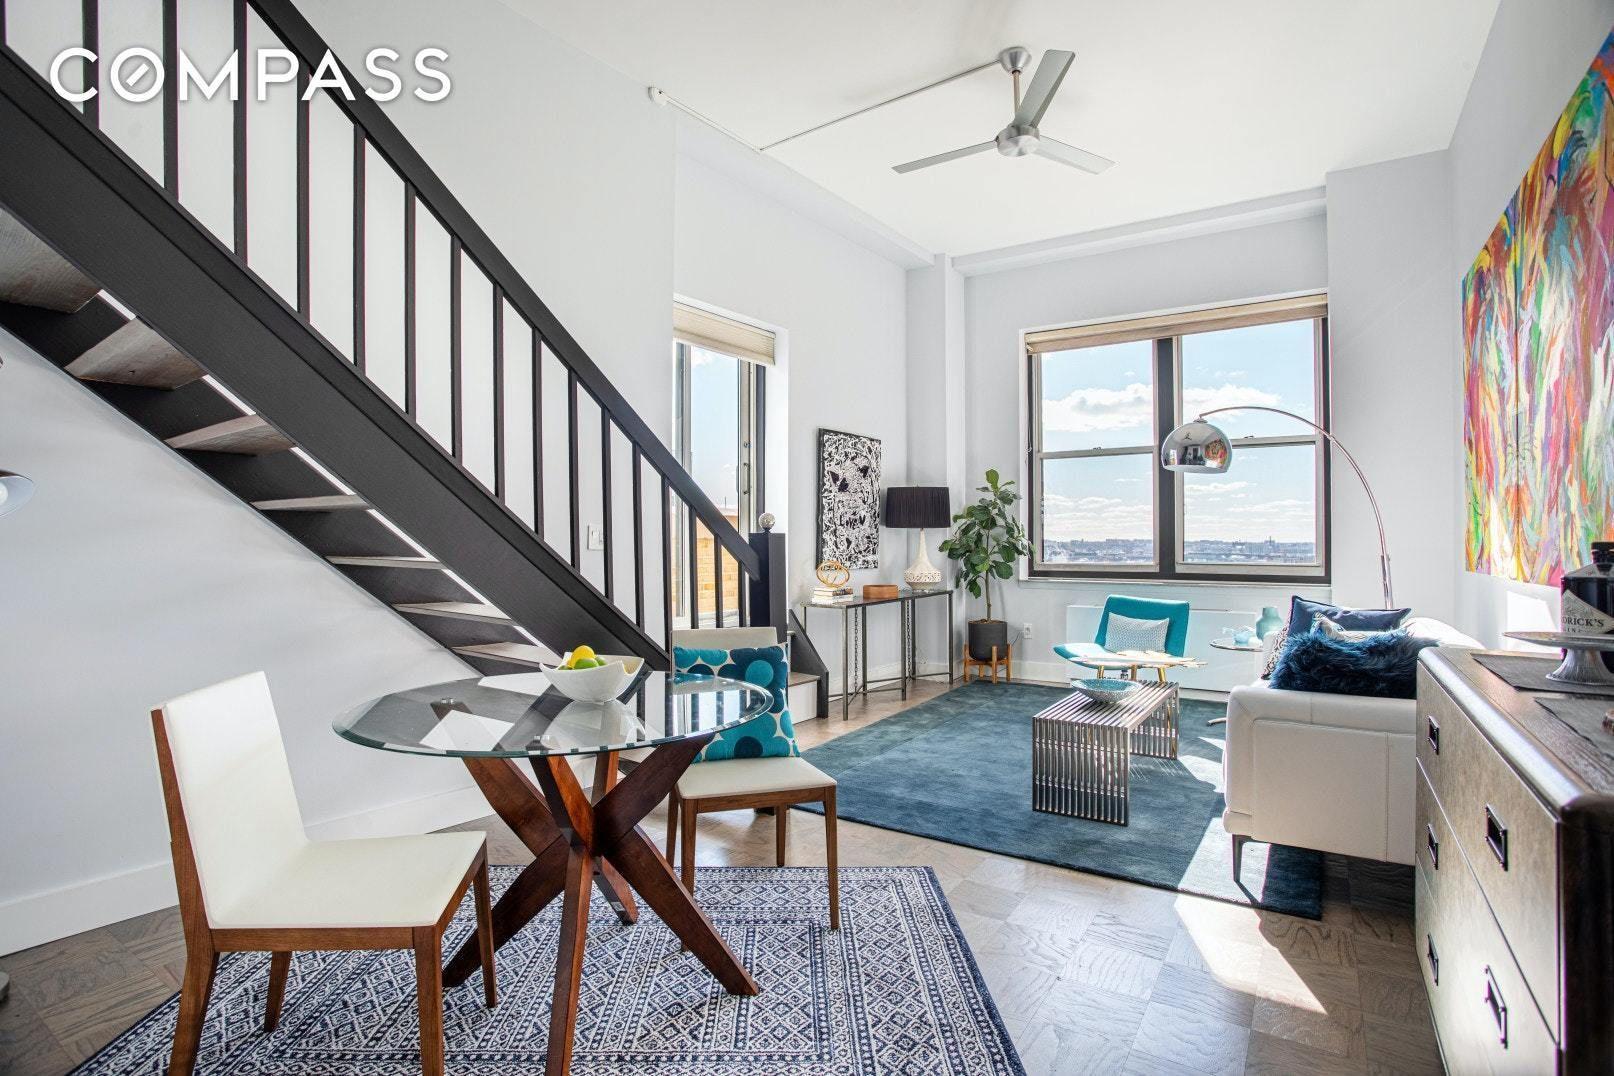 Apartment for sale at 96 Schermerhorn Street, Apt PH-D